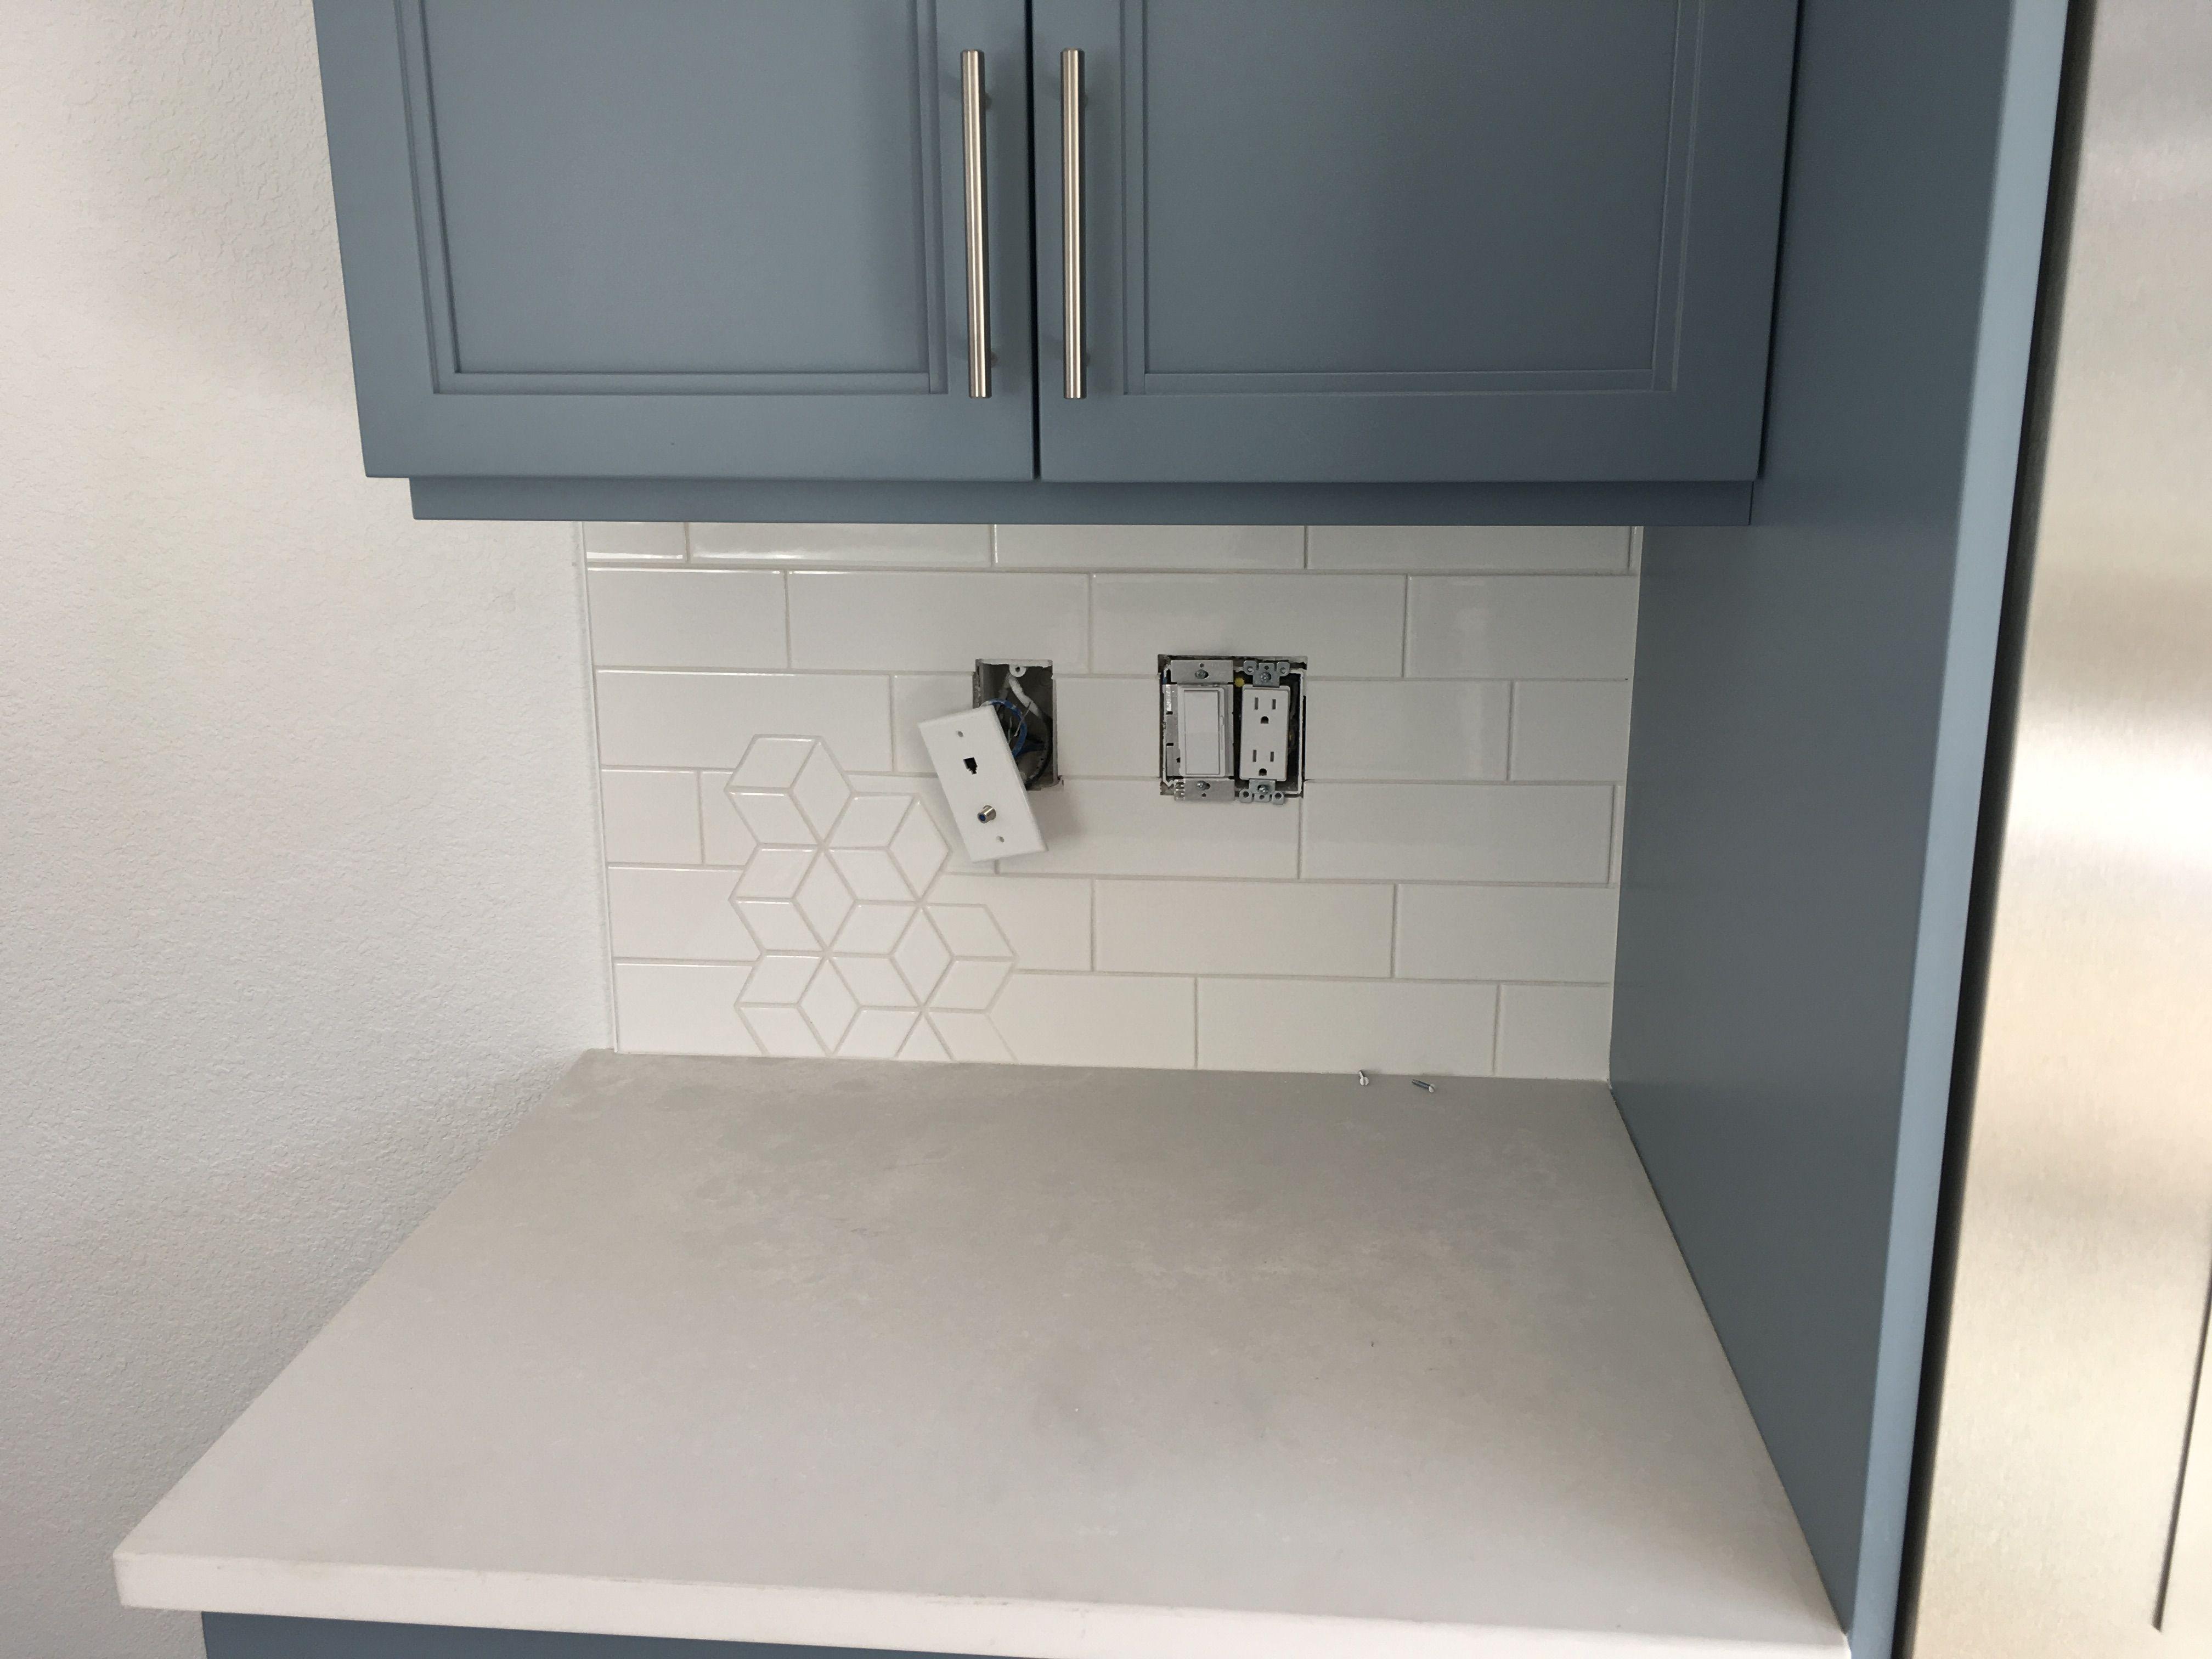 3x9 subway tile from clayhaus ceramics